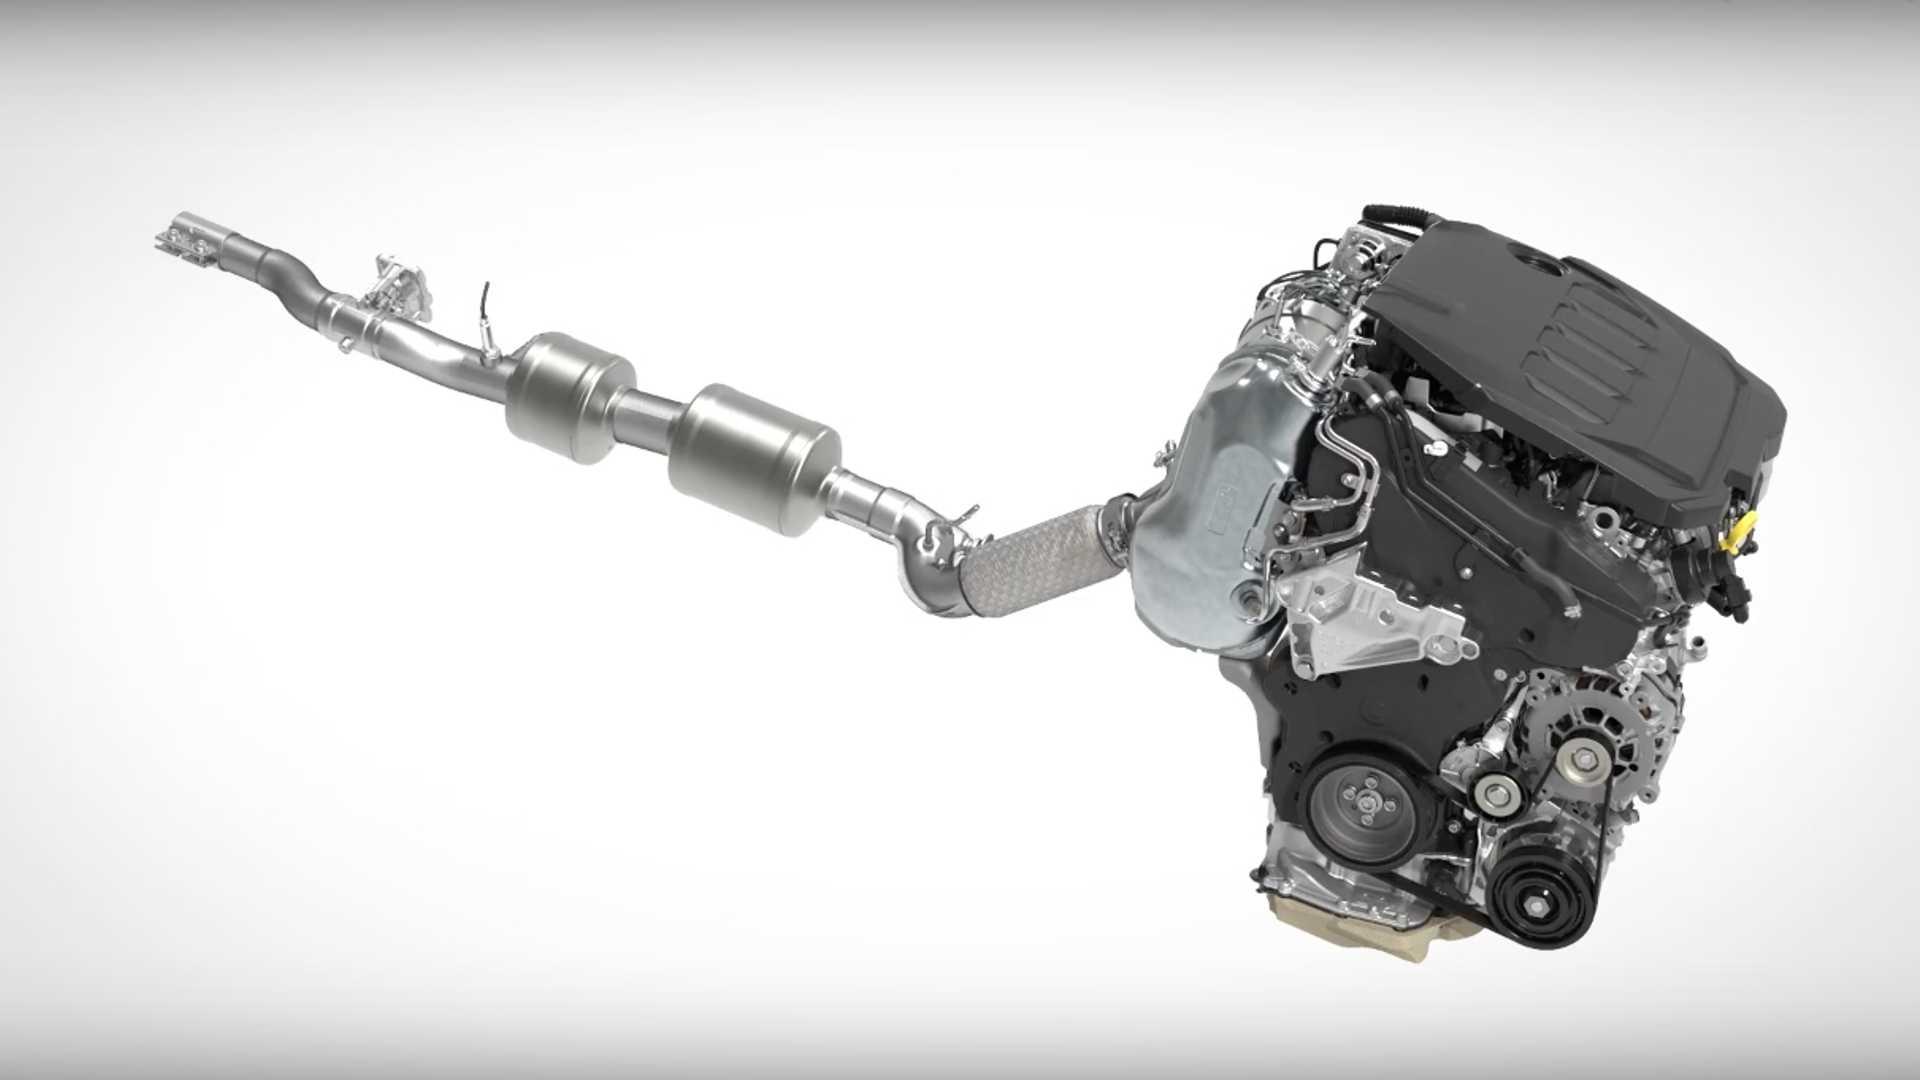 Golf VIII diesel